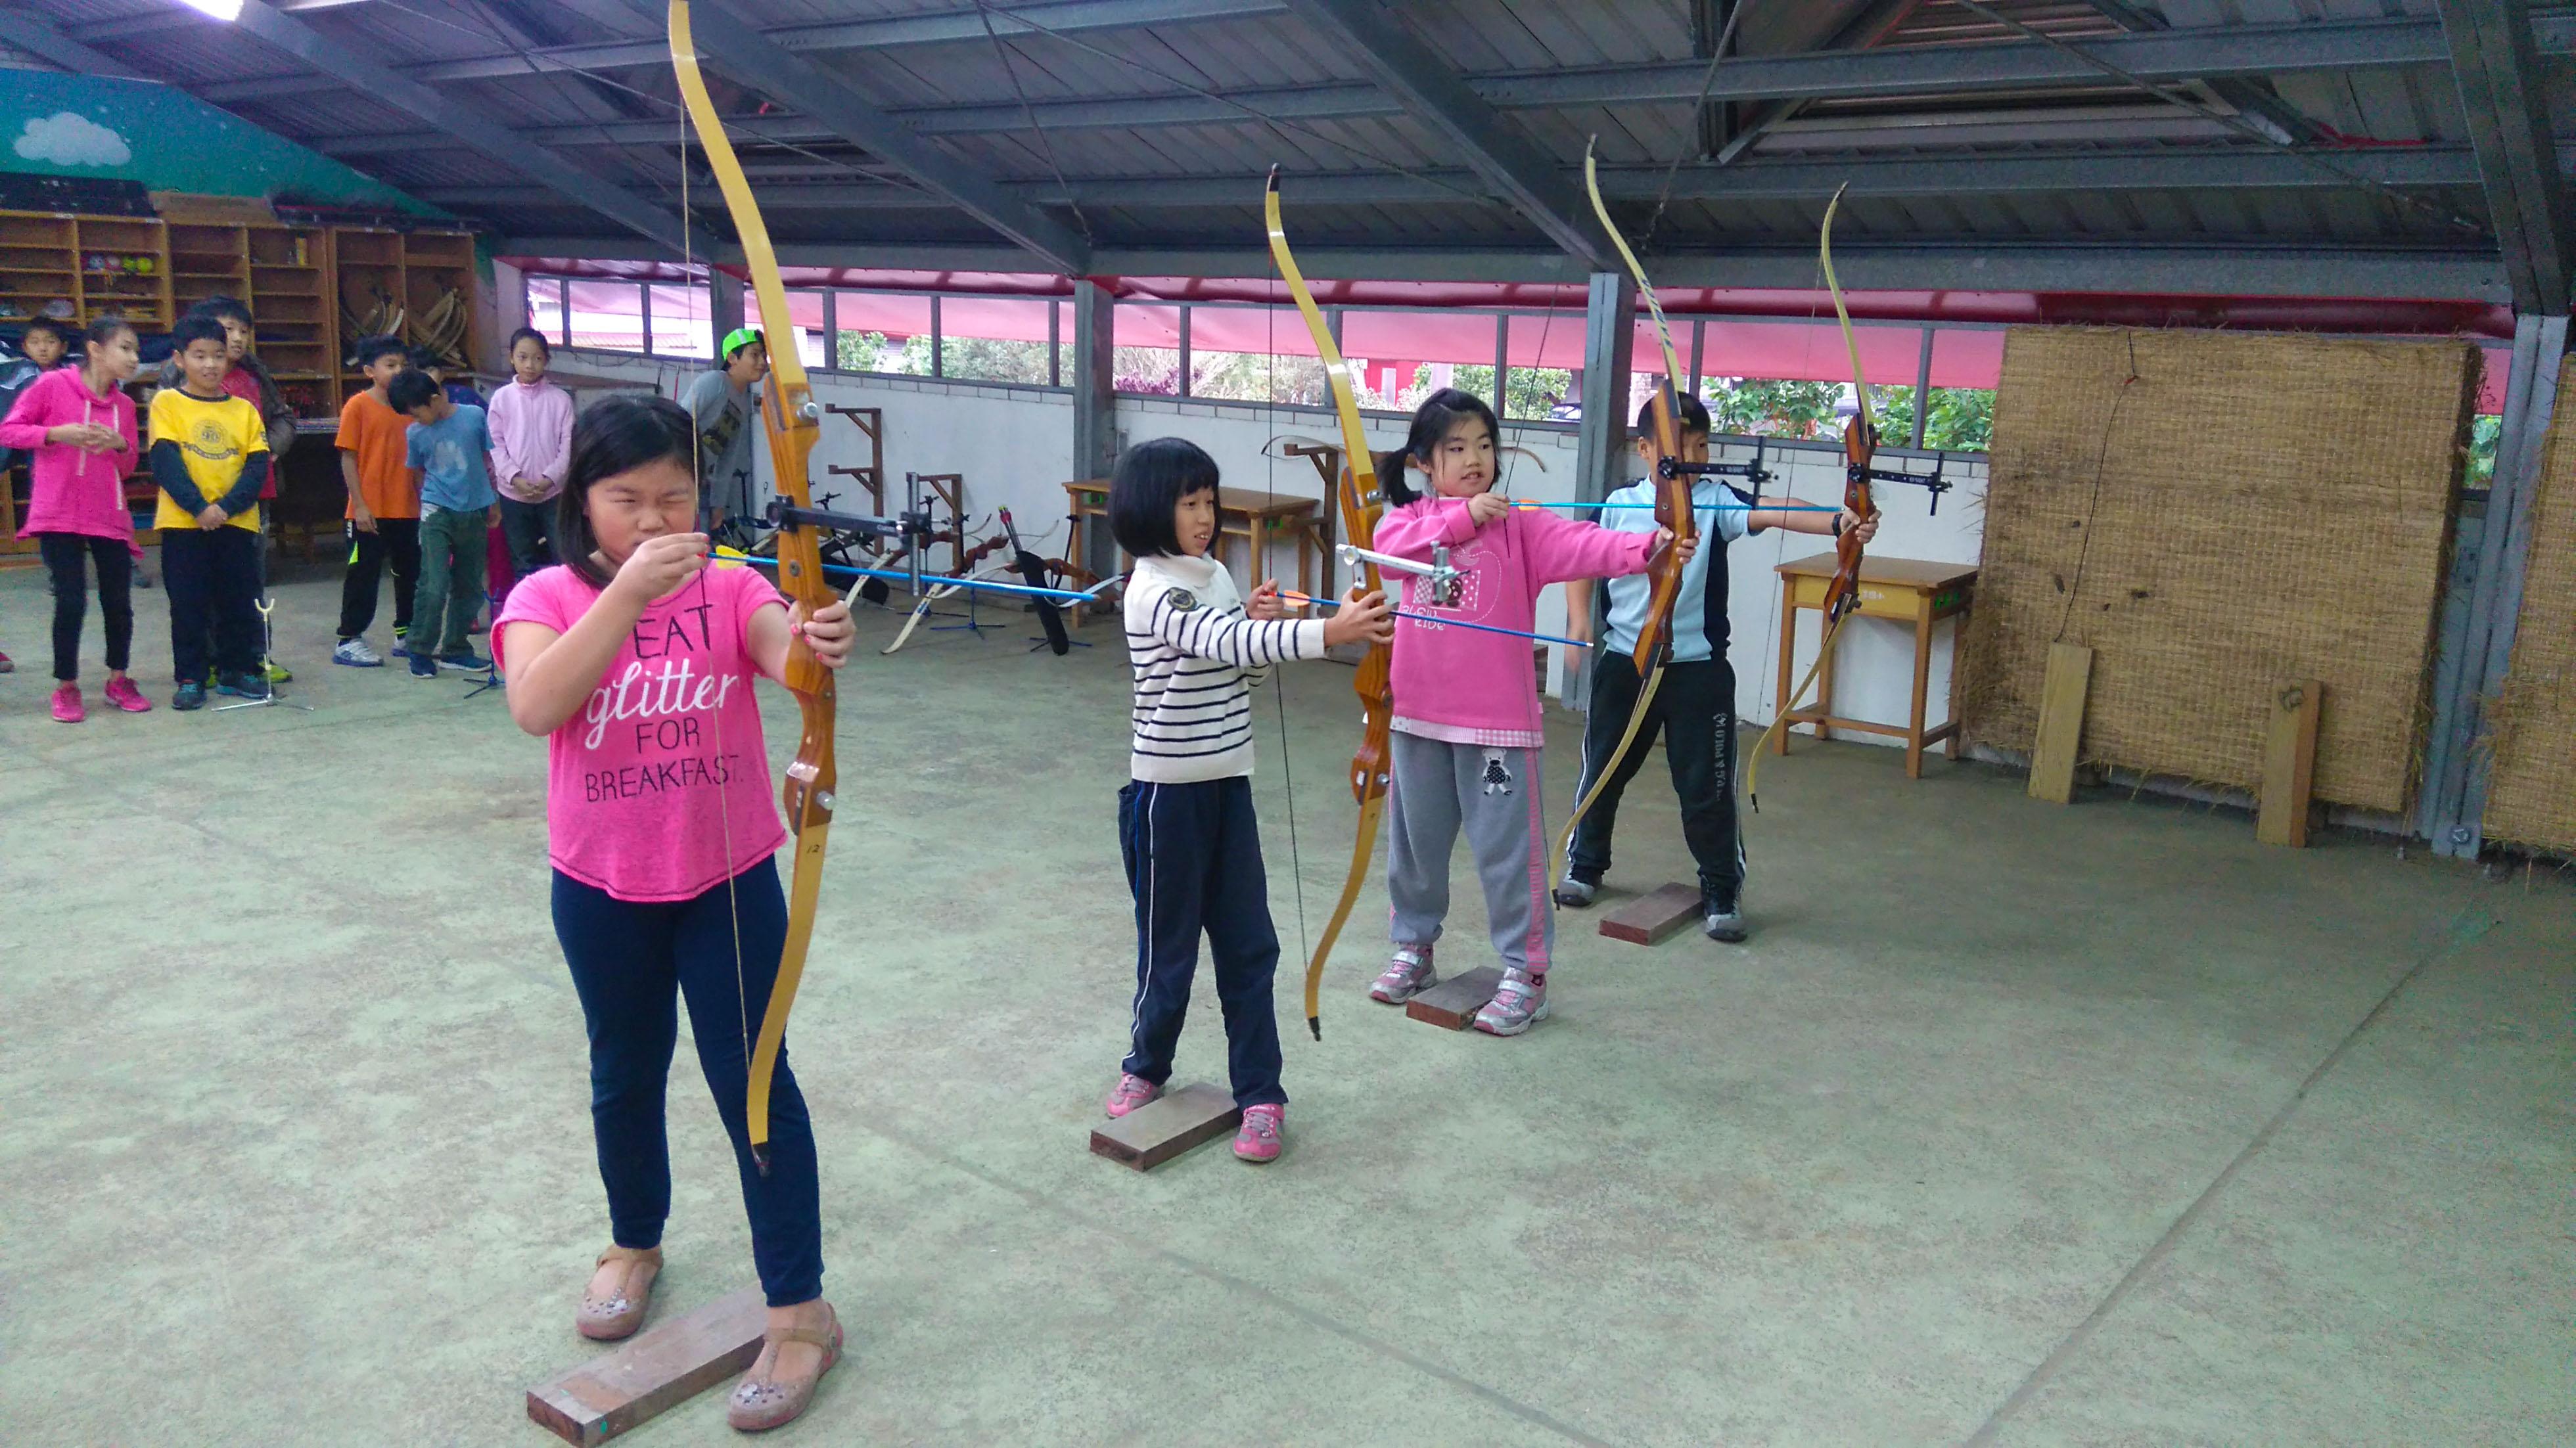 直潭國小課程多元,學生體驗射箭課程。圖片提供/直潭國小